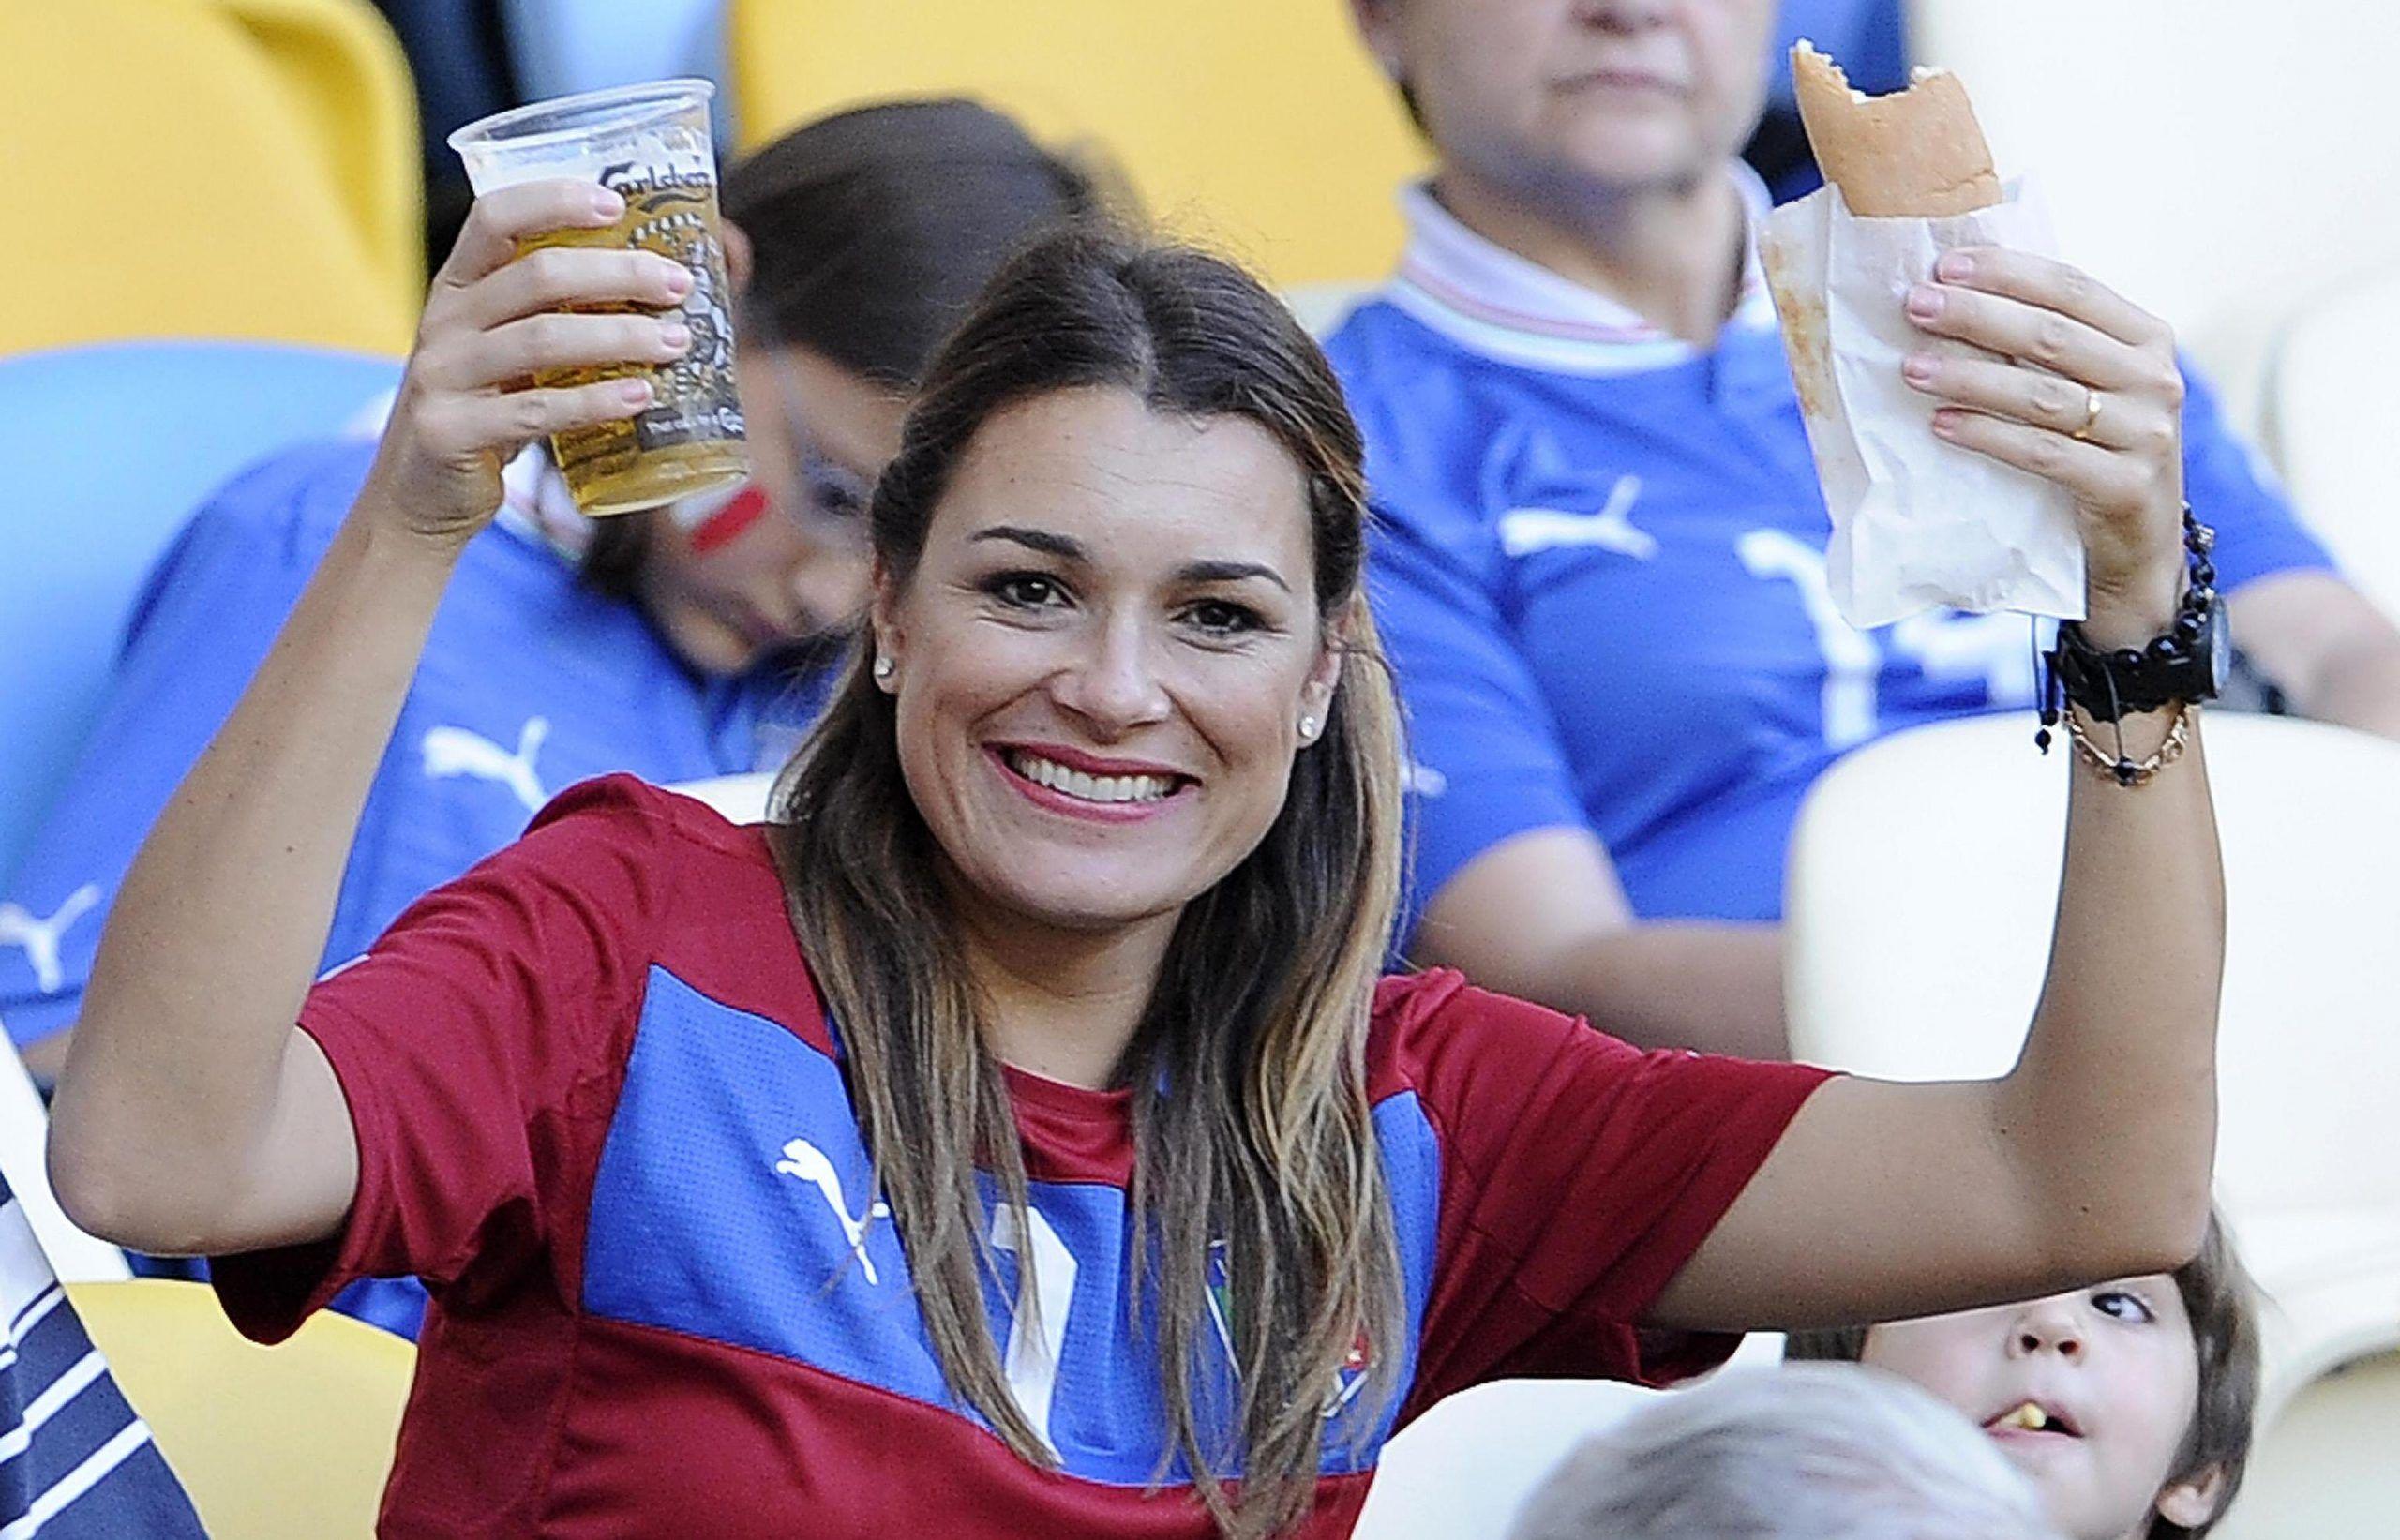 EURO 2012: SPAIN ITALY